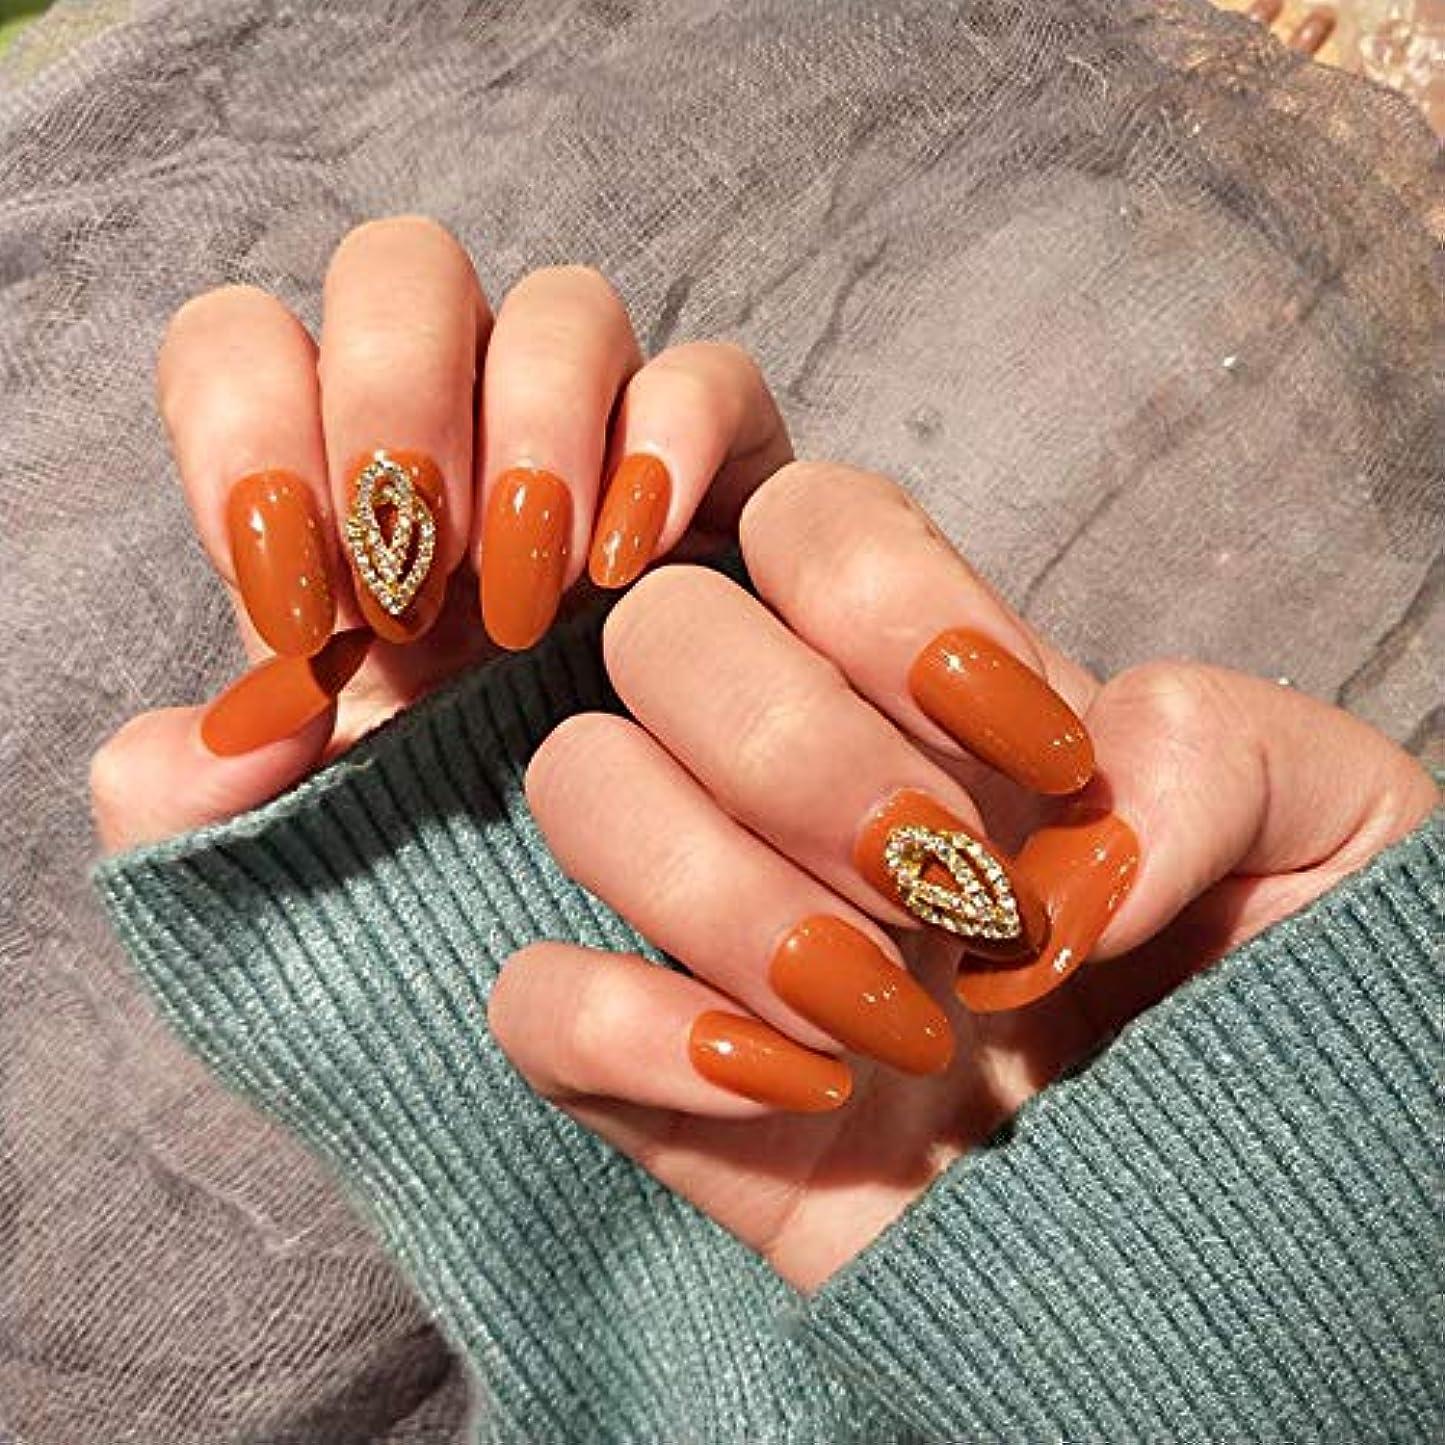 シェルター批判ギネスXUTXZKA カボチャの長いフラッシュドリル偽の爪パッチ風の偽の爪がネイルパッチを身に着けて終えた